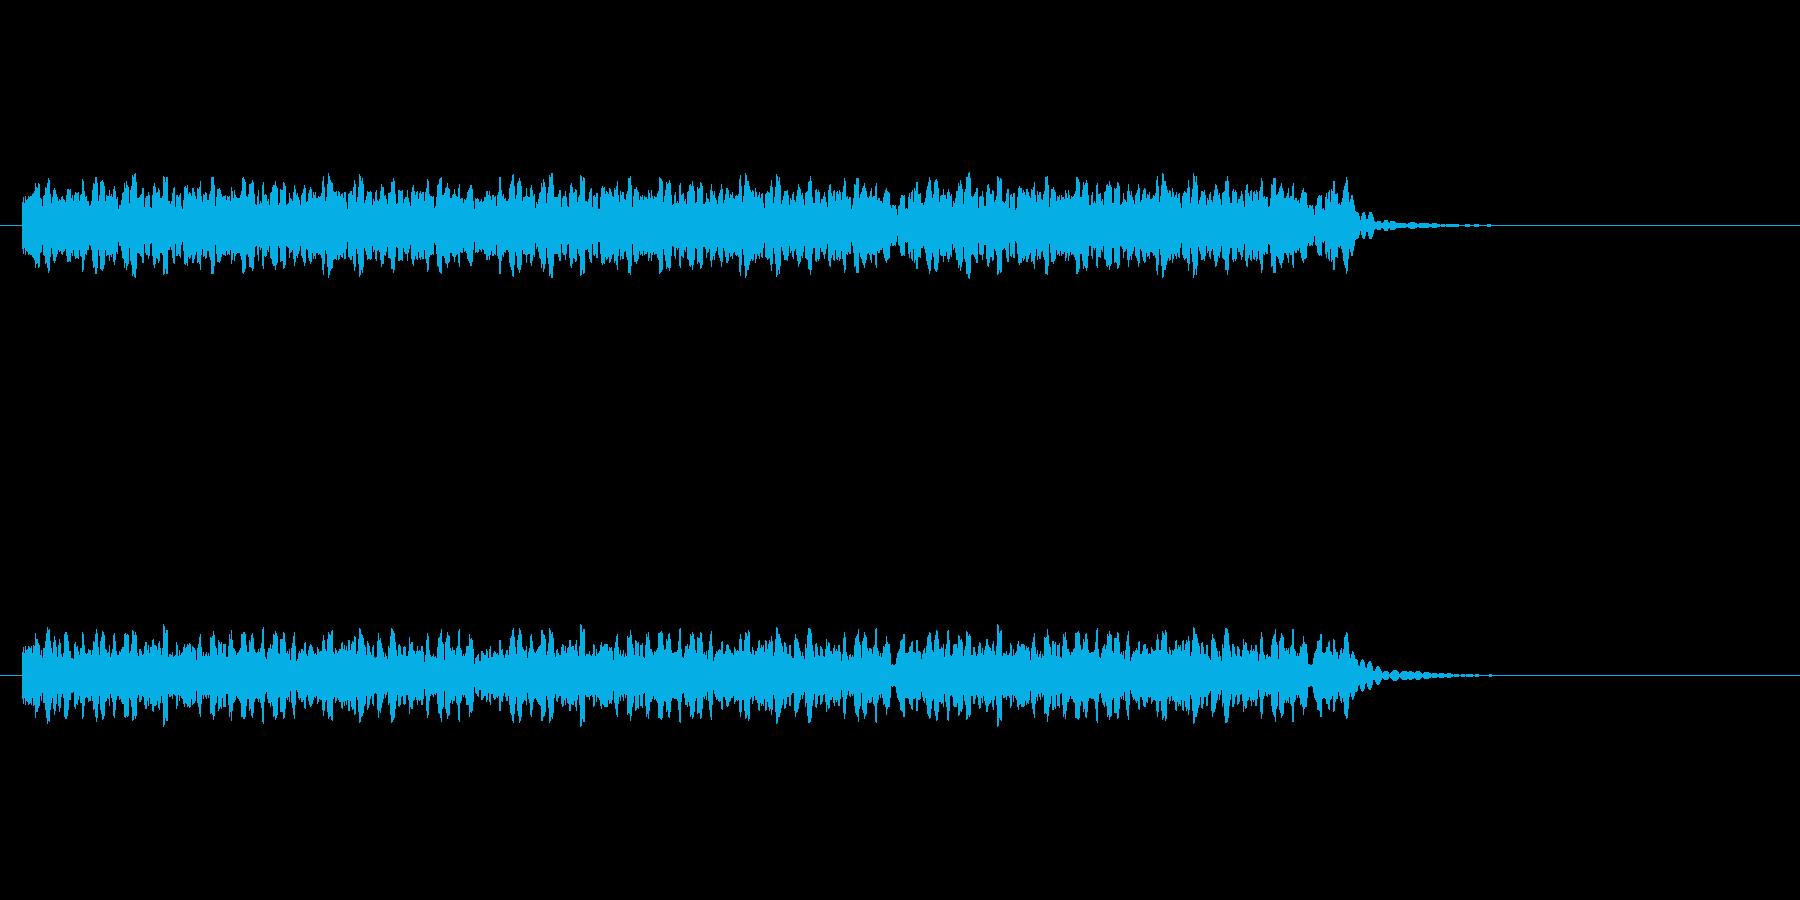 発車サイン音の再生済みの波形